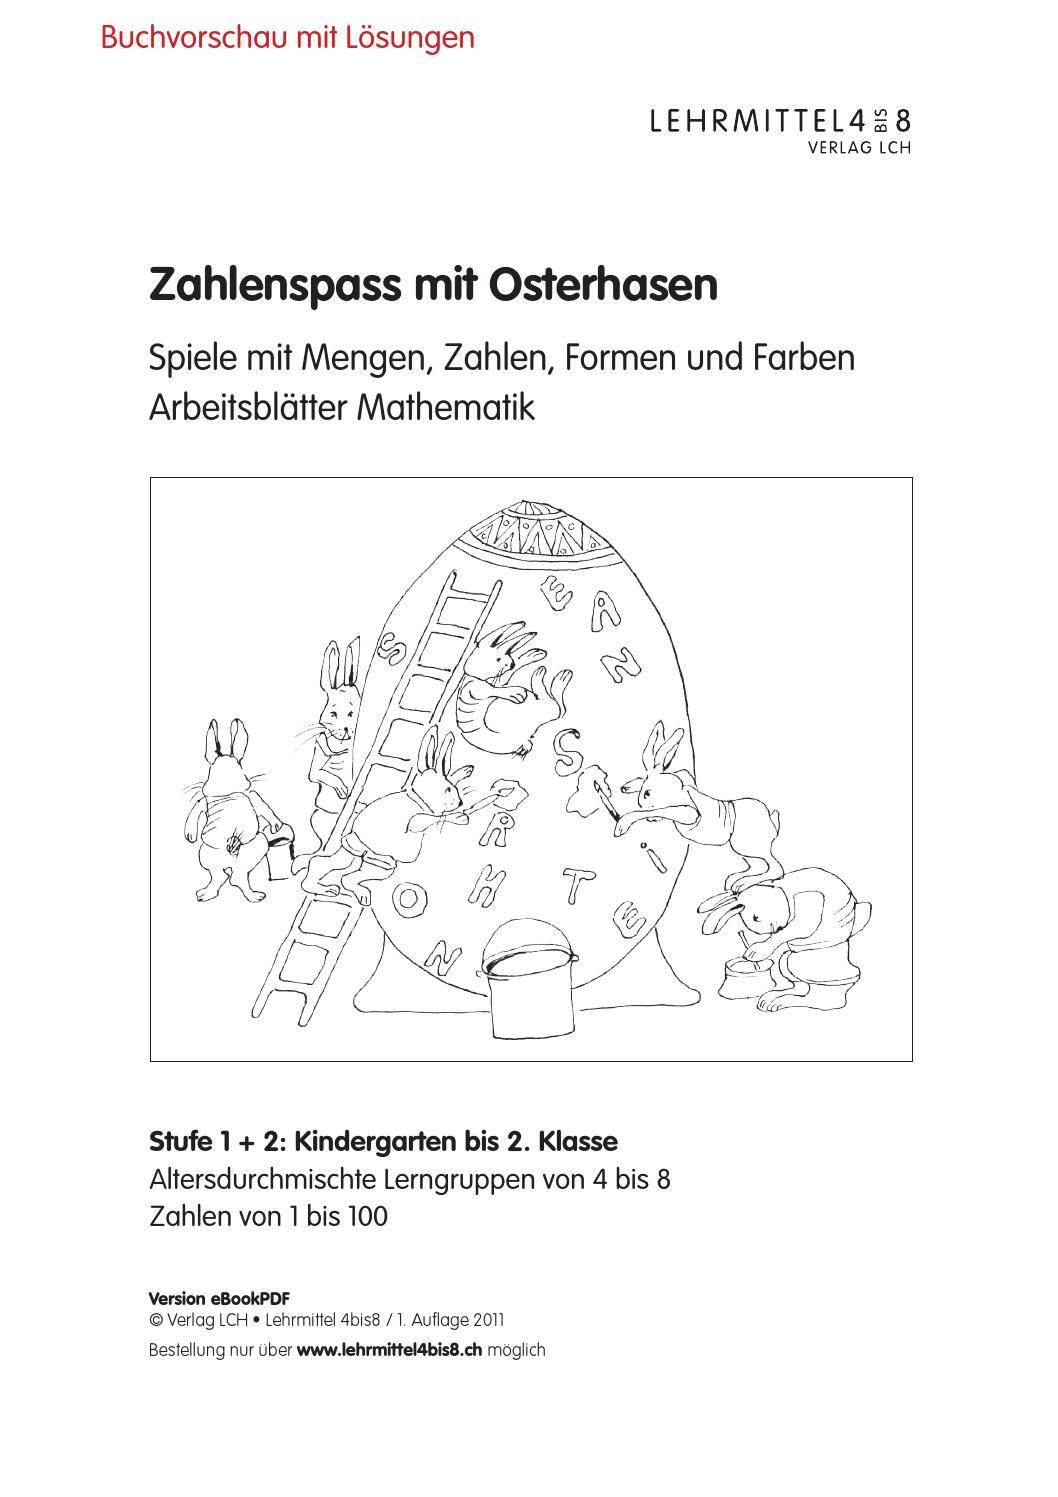 Zahlenspass mit Osterhasen by lehrmittel 4bis8 - issuu